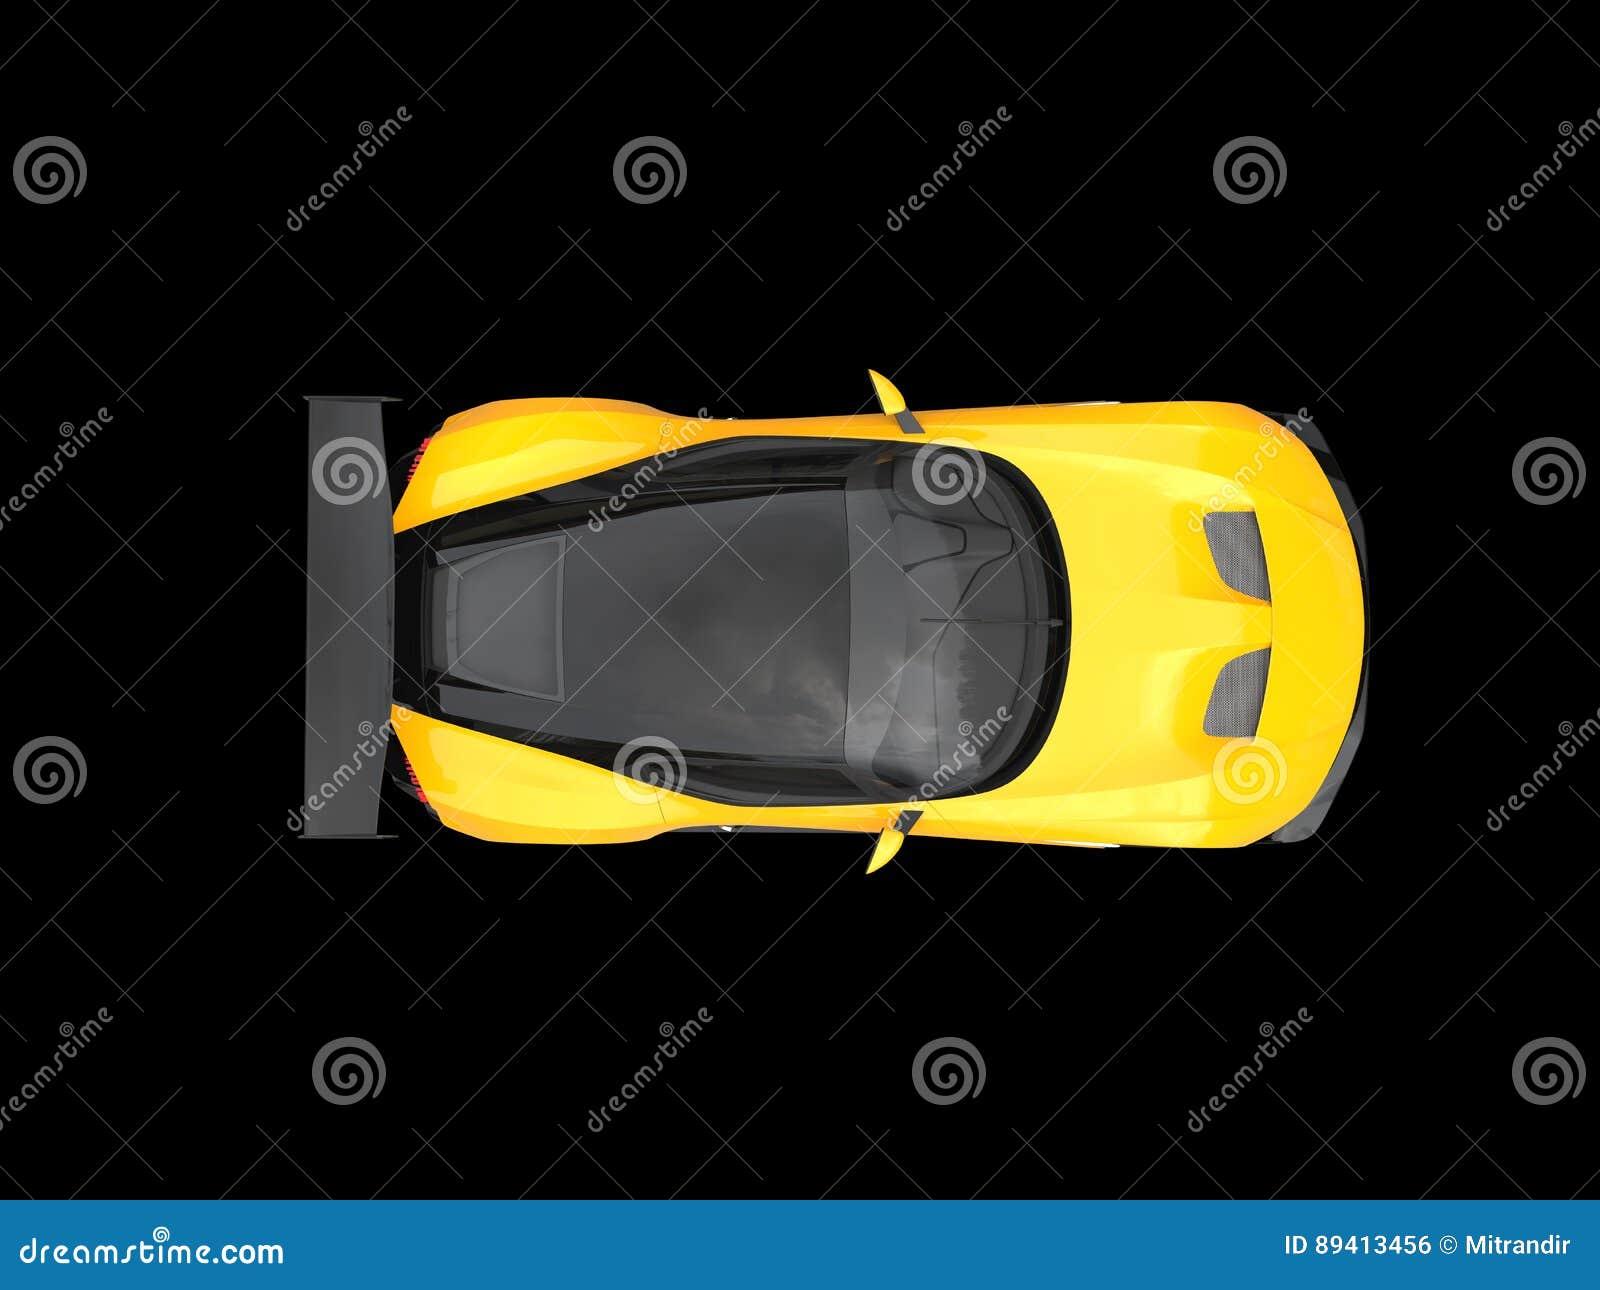 Carro de corridas moderno impressionante preto e amarelo - vista superior